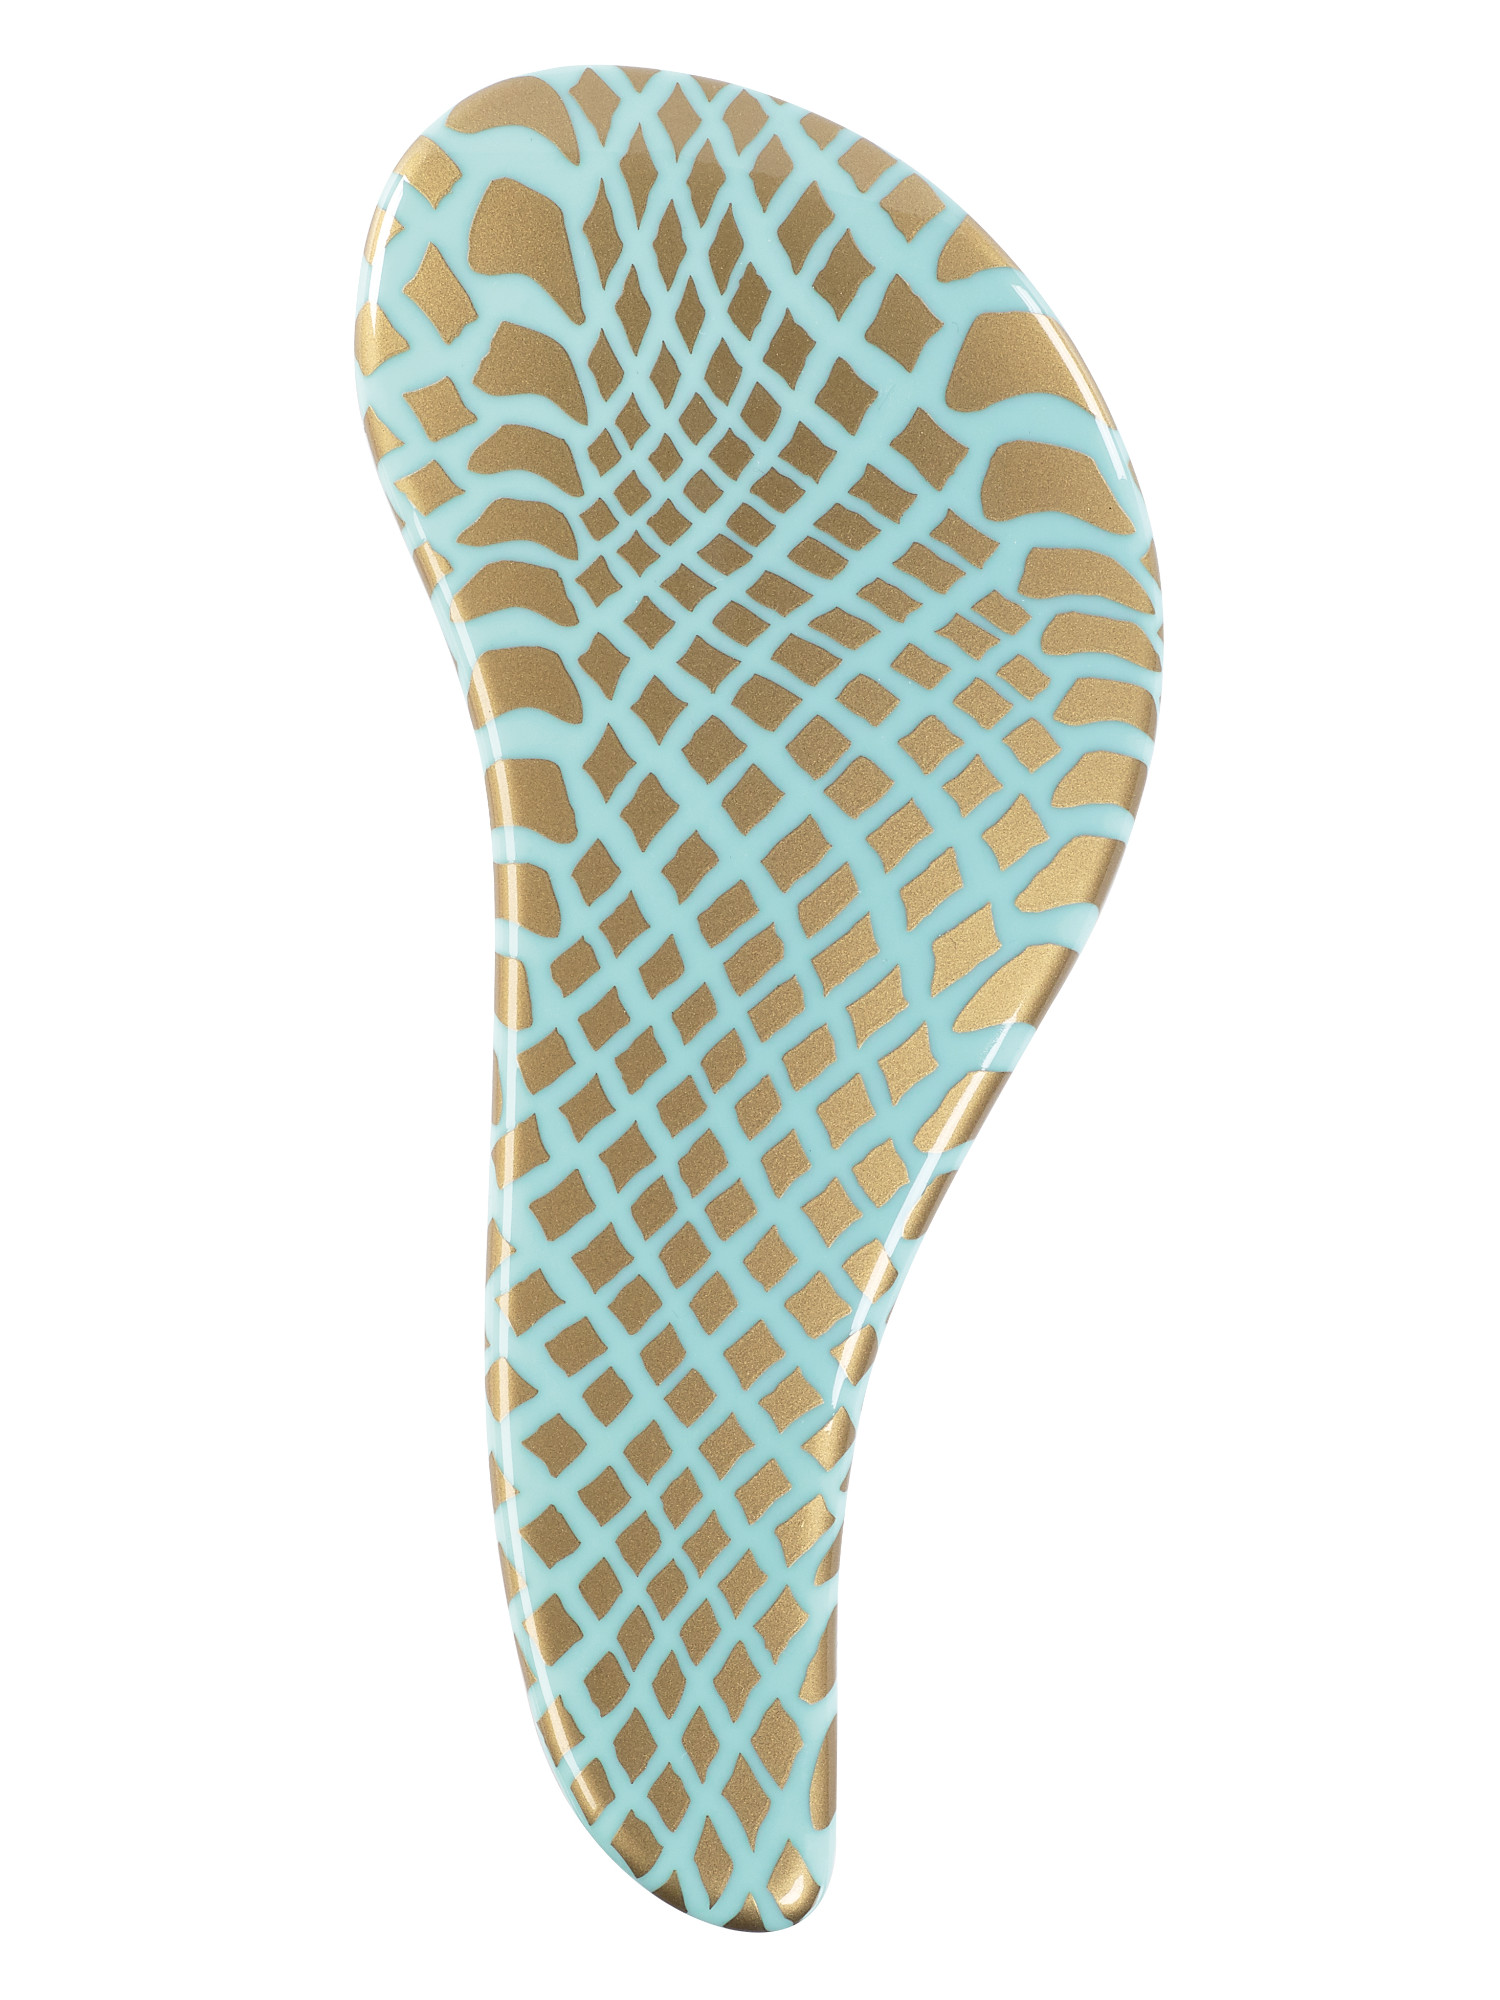 Kartáč na vlasy Sibel D-méli-mélo Had - růžová/zelená se zlatým potiskem (6600626-02) + DÁREK ZDARMA